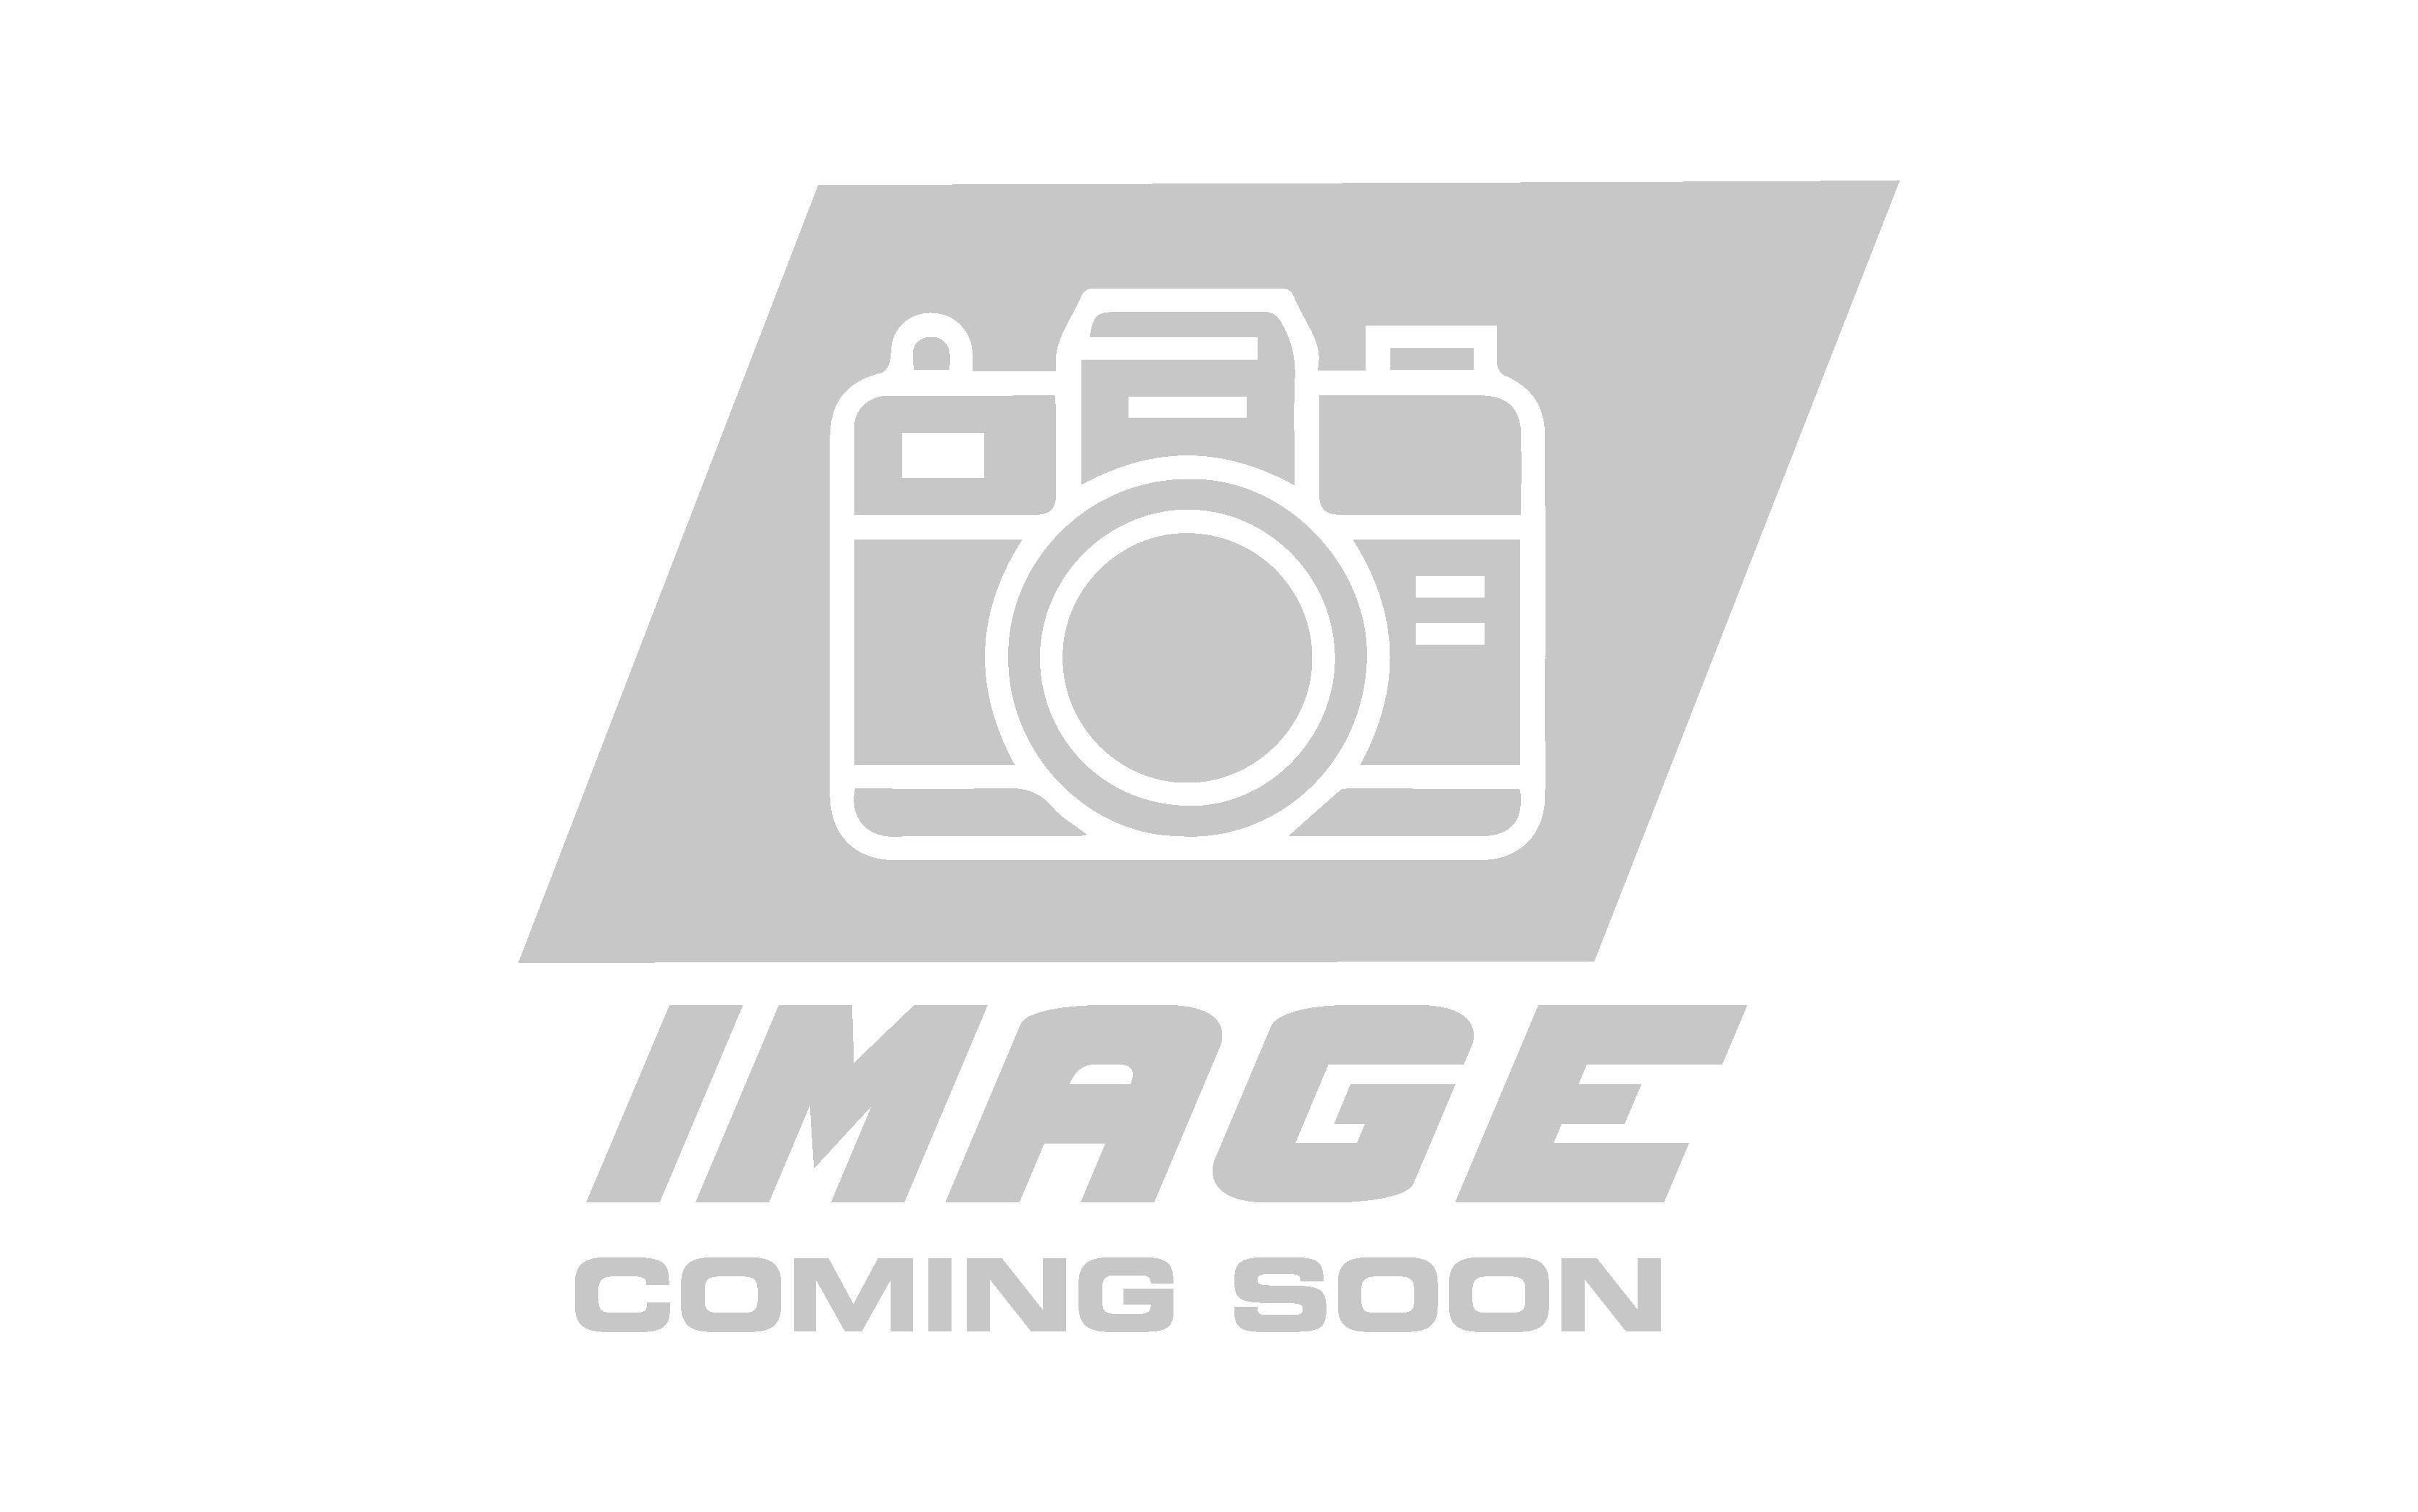 bag_riders_manual_air_management_01.jpg (510.51 kB)